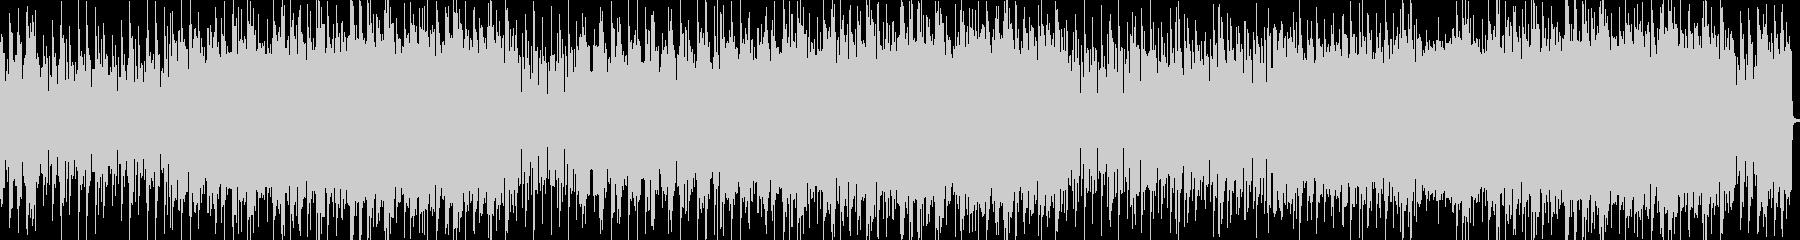 オーケストラアコーディオン企業PVワルツの未再生の波形